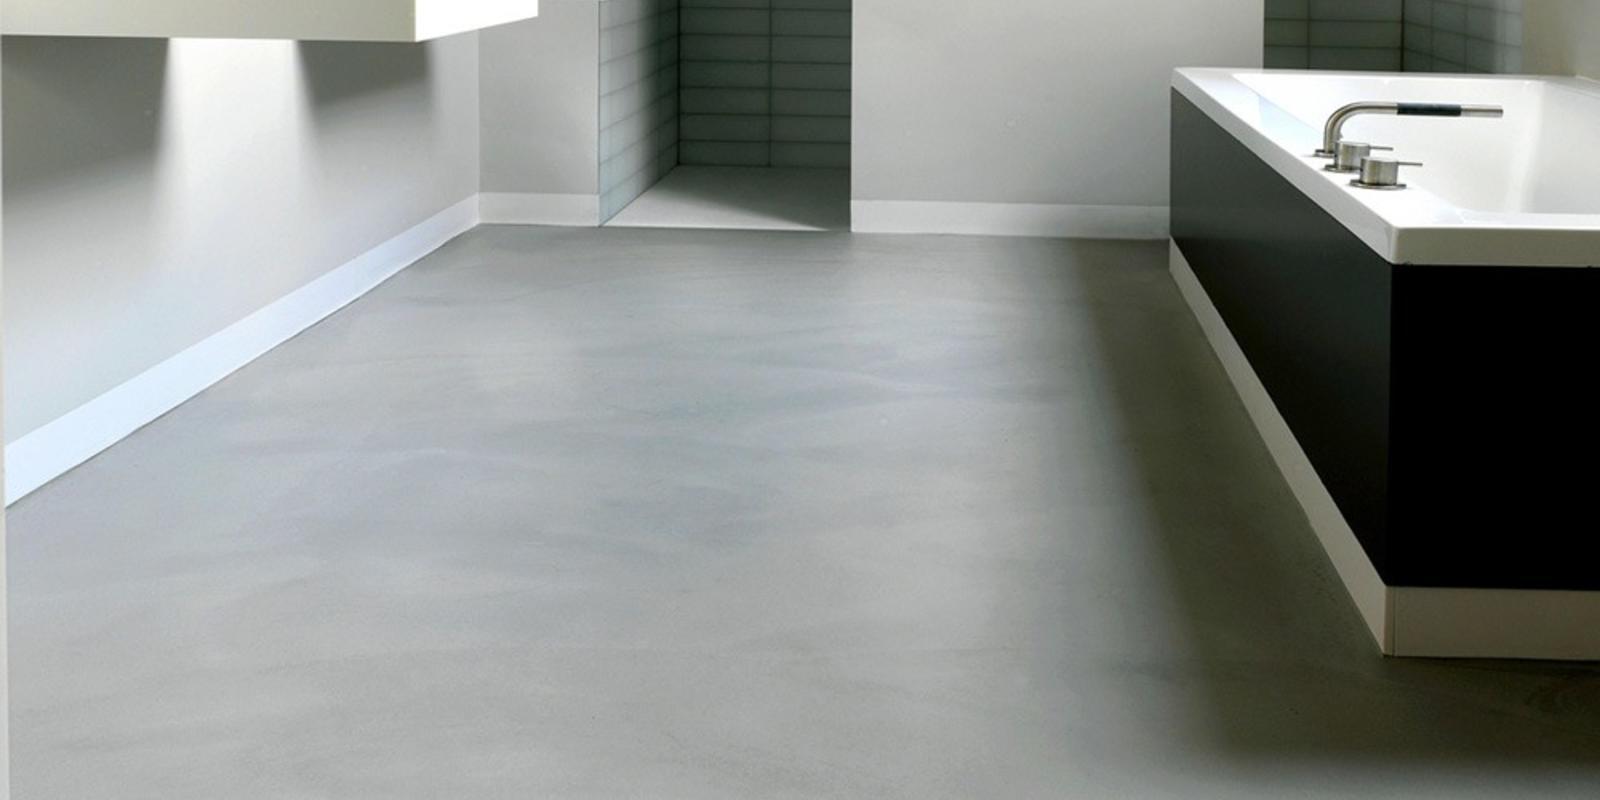 granieten vloer badkamer verwijderen